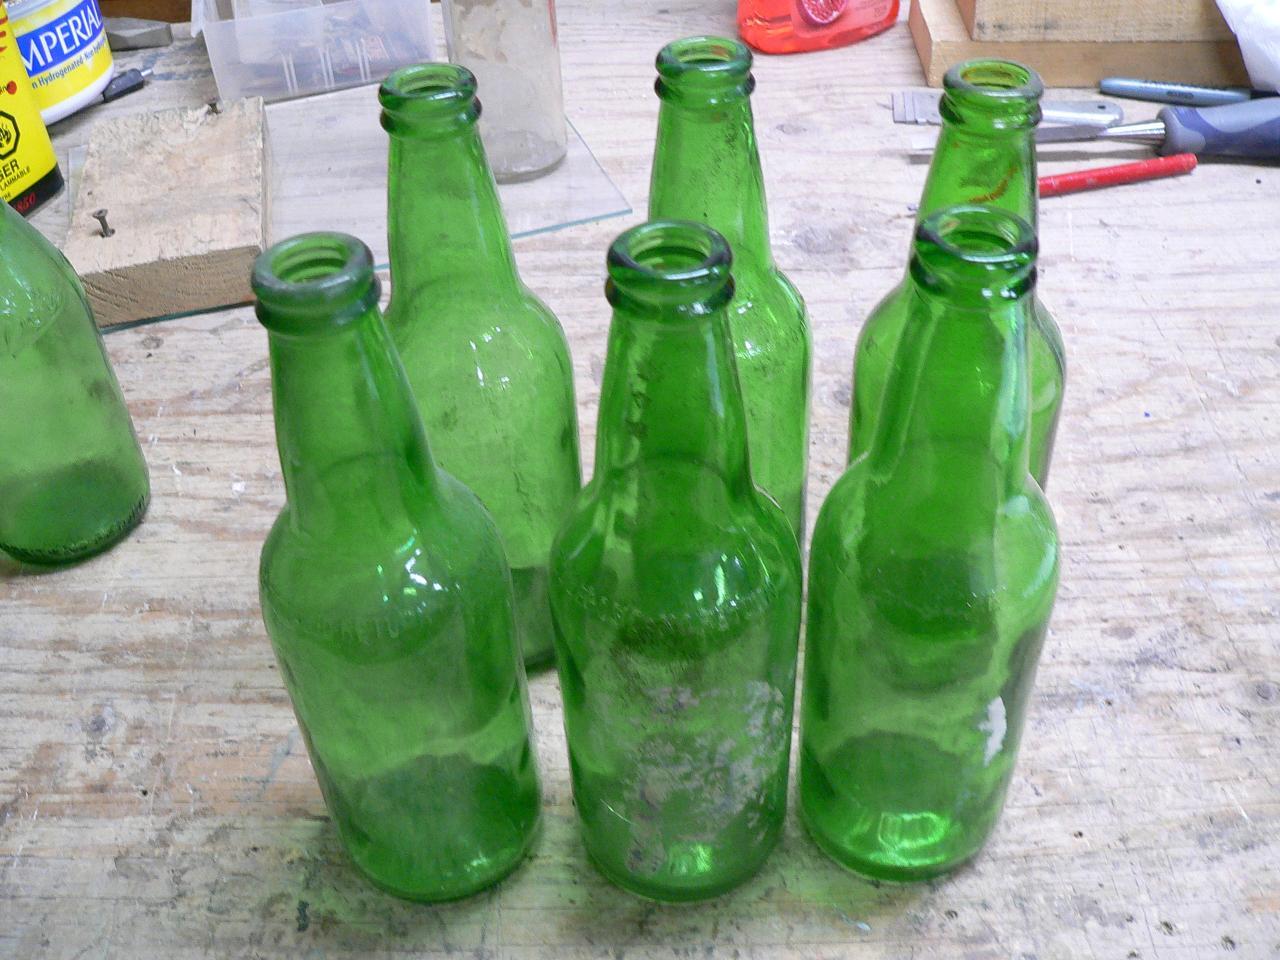 6 bouteille verte de biere # 2457.47